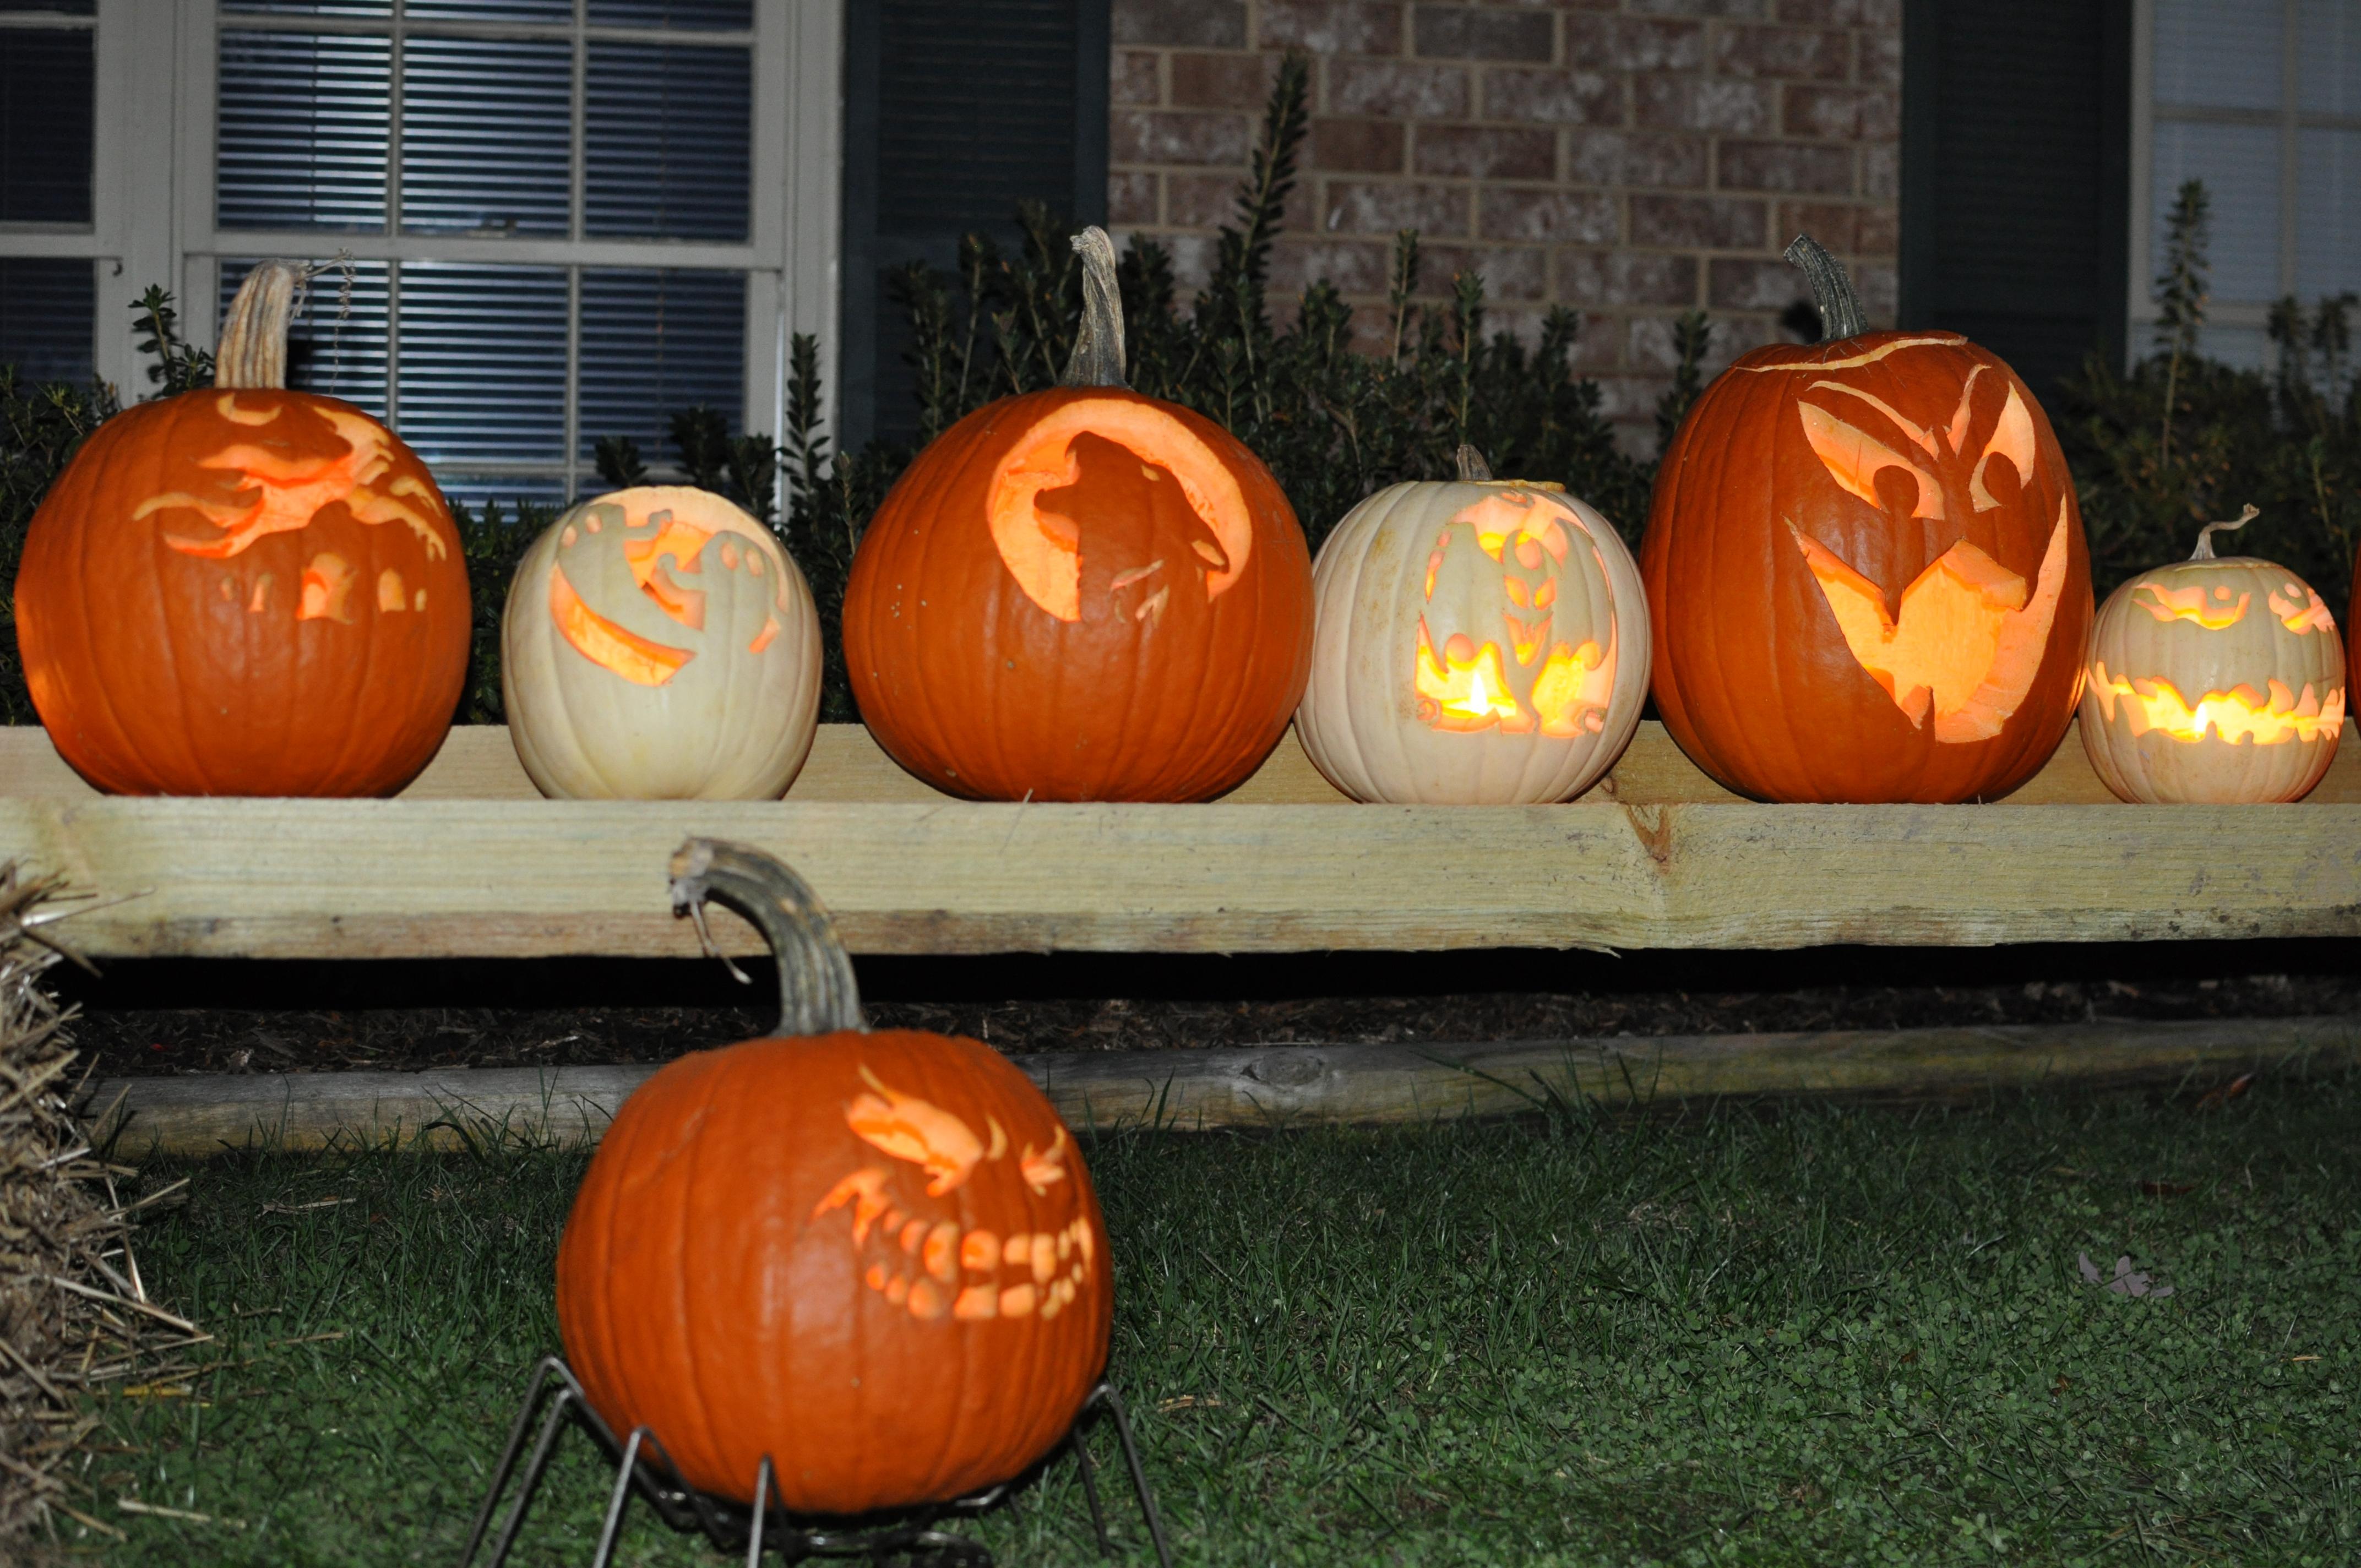 Calabazas reales por halloween - 4288x2848